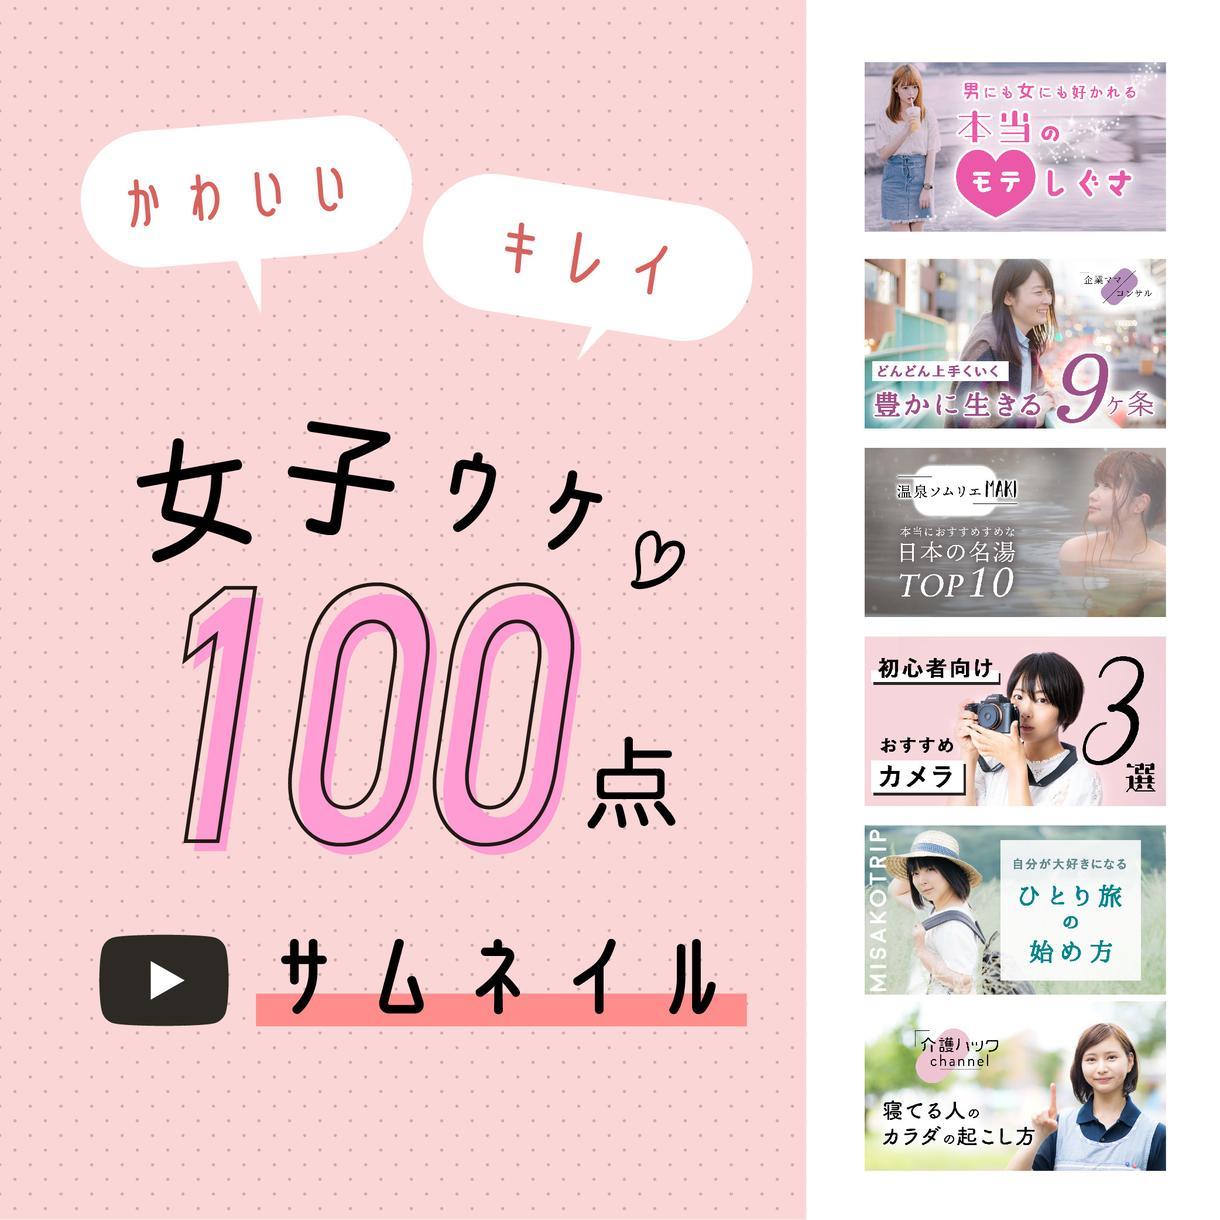 女子ウケ100点!YouTubeサムネイル作ります プロのデザイナーが同世代の頑張る女性をデザインで応援します!